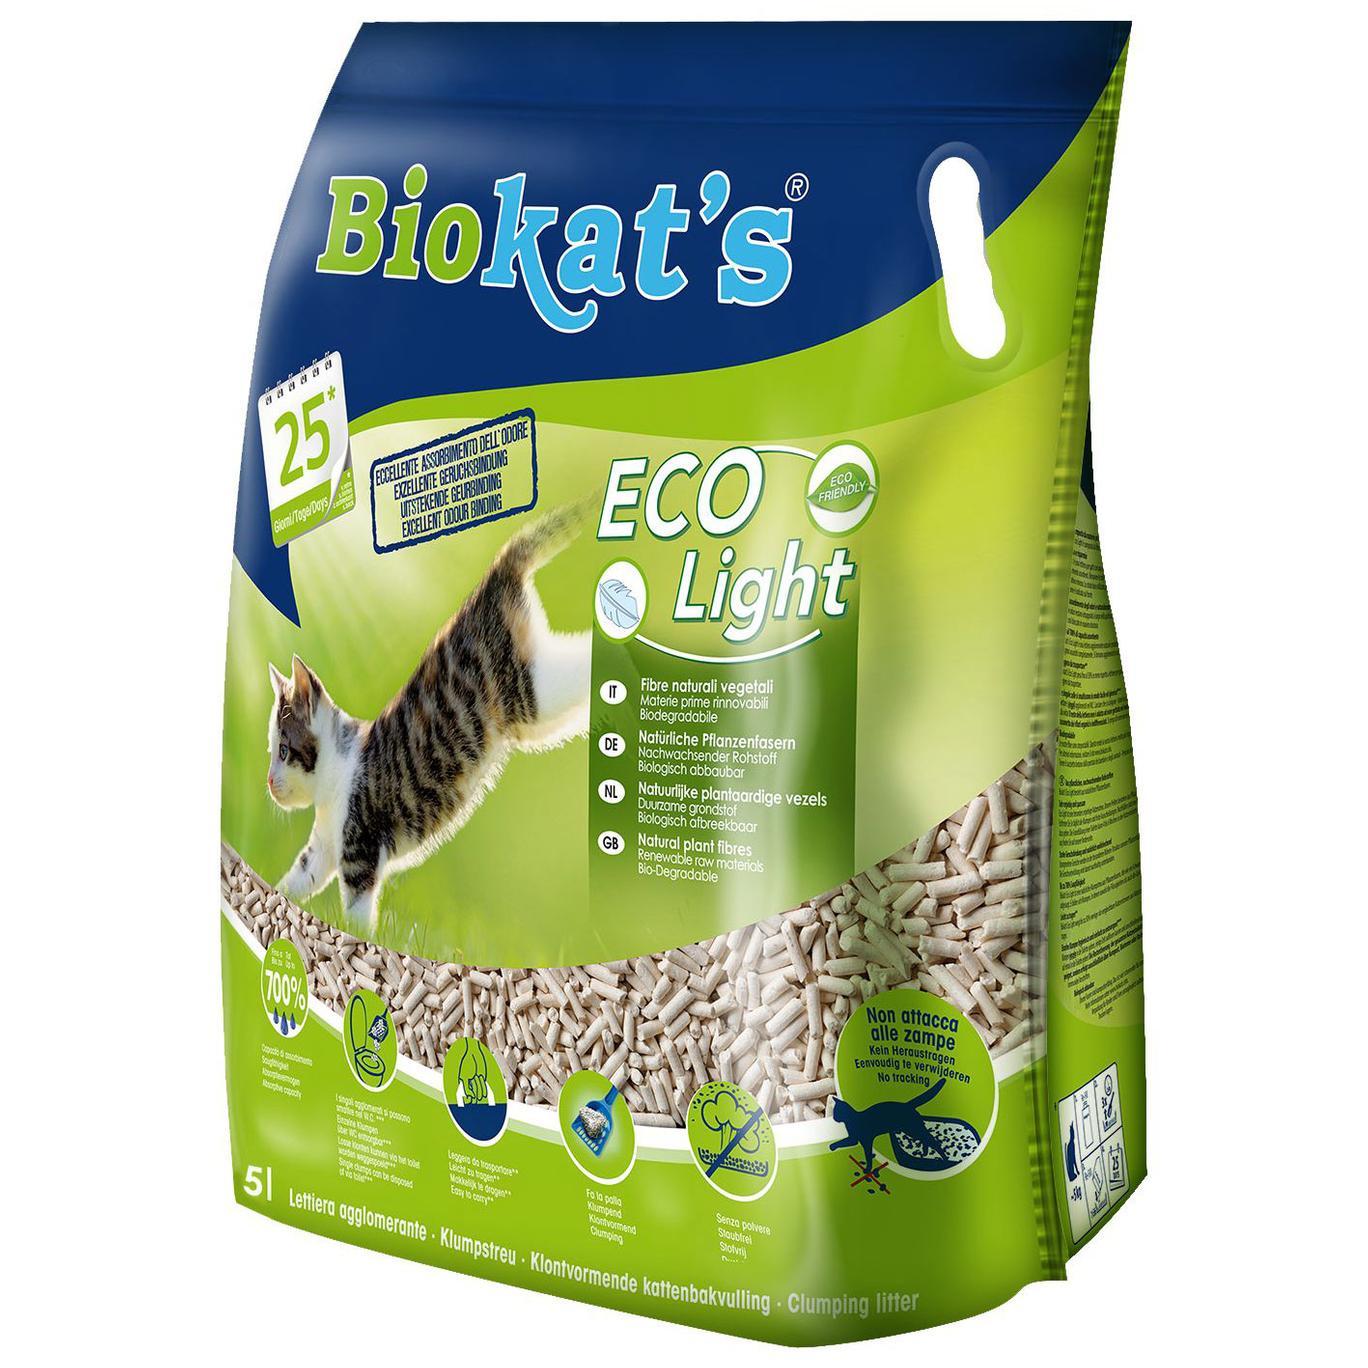 Biokat's EcoLight 5LT Lettiera di fibre vegetali naturali